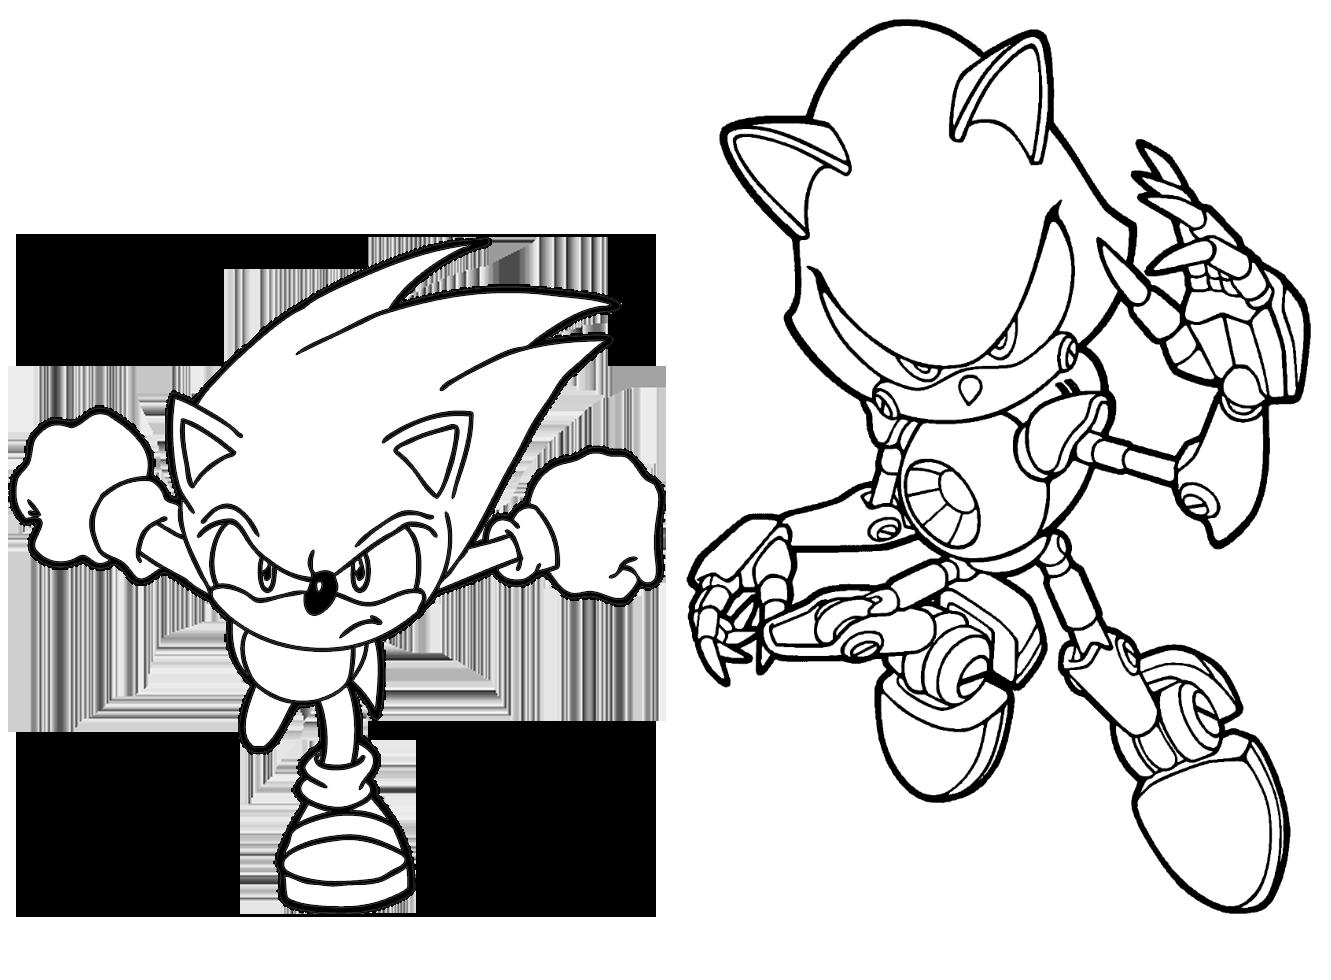 Dibujos De Sonic Para Imprimir Y Colorear